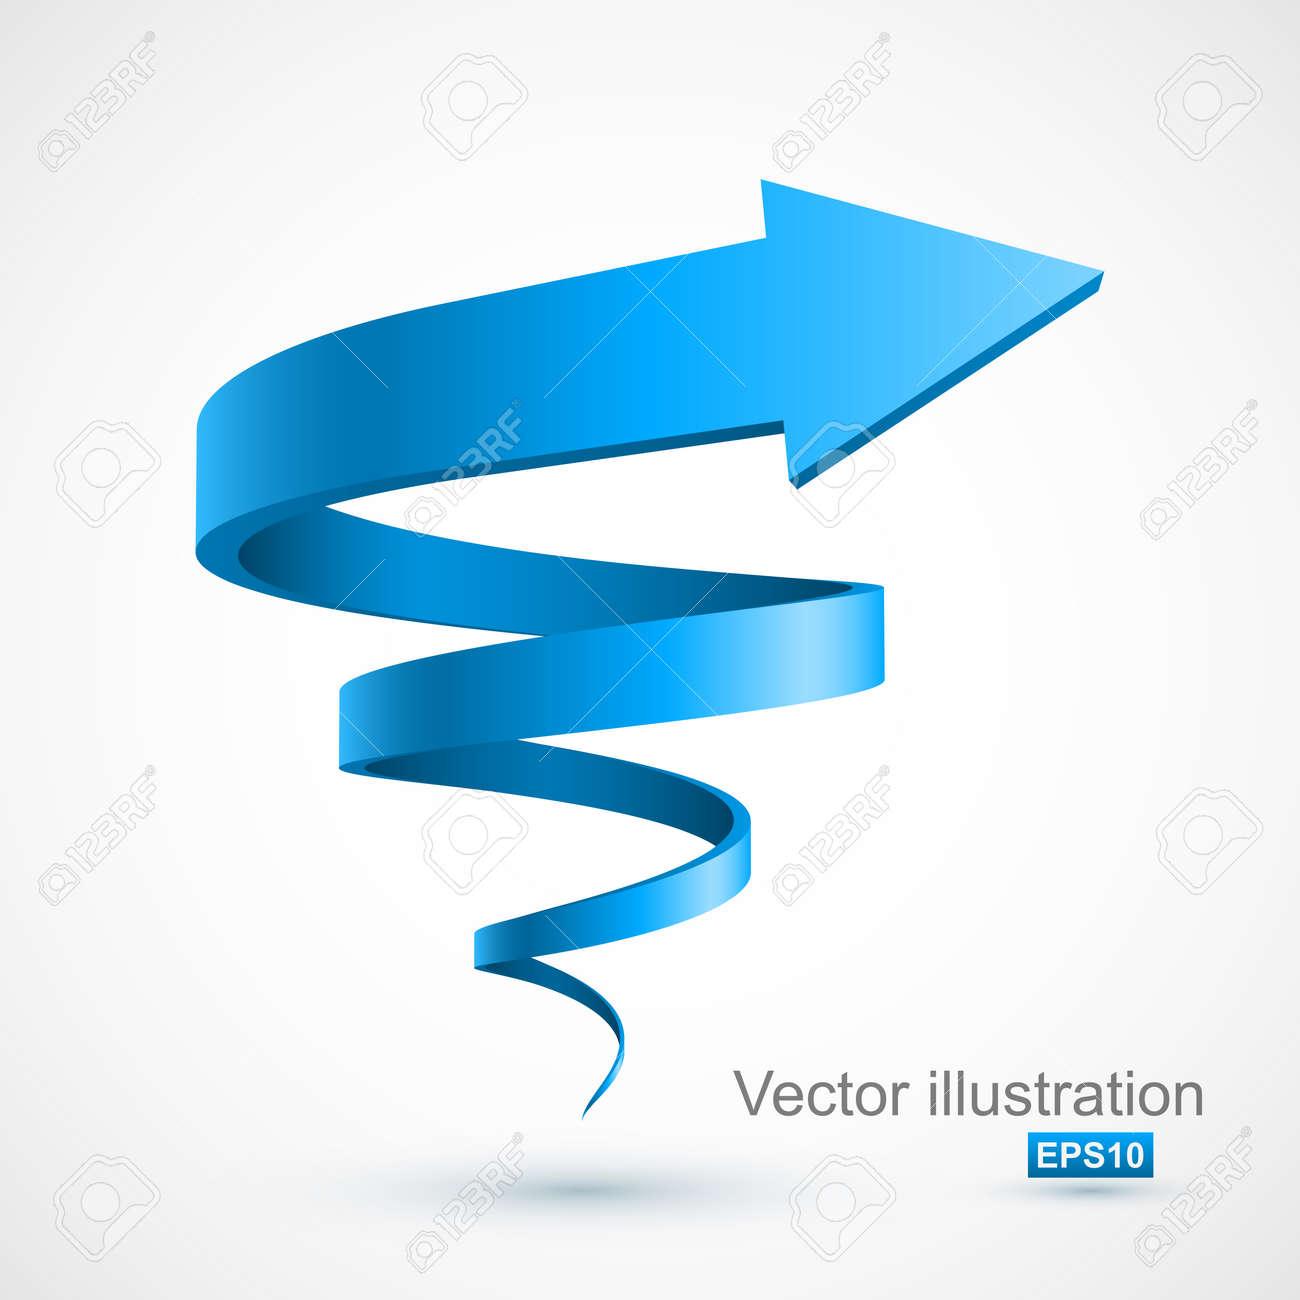 Blue spiral arrow 3D - 50635380